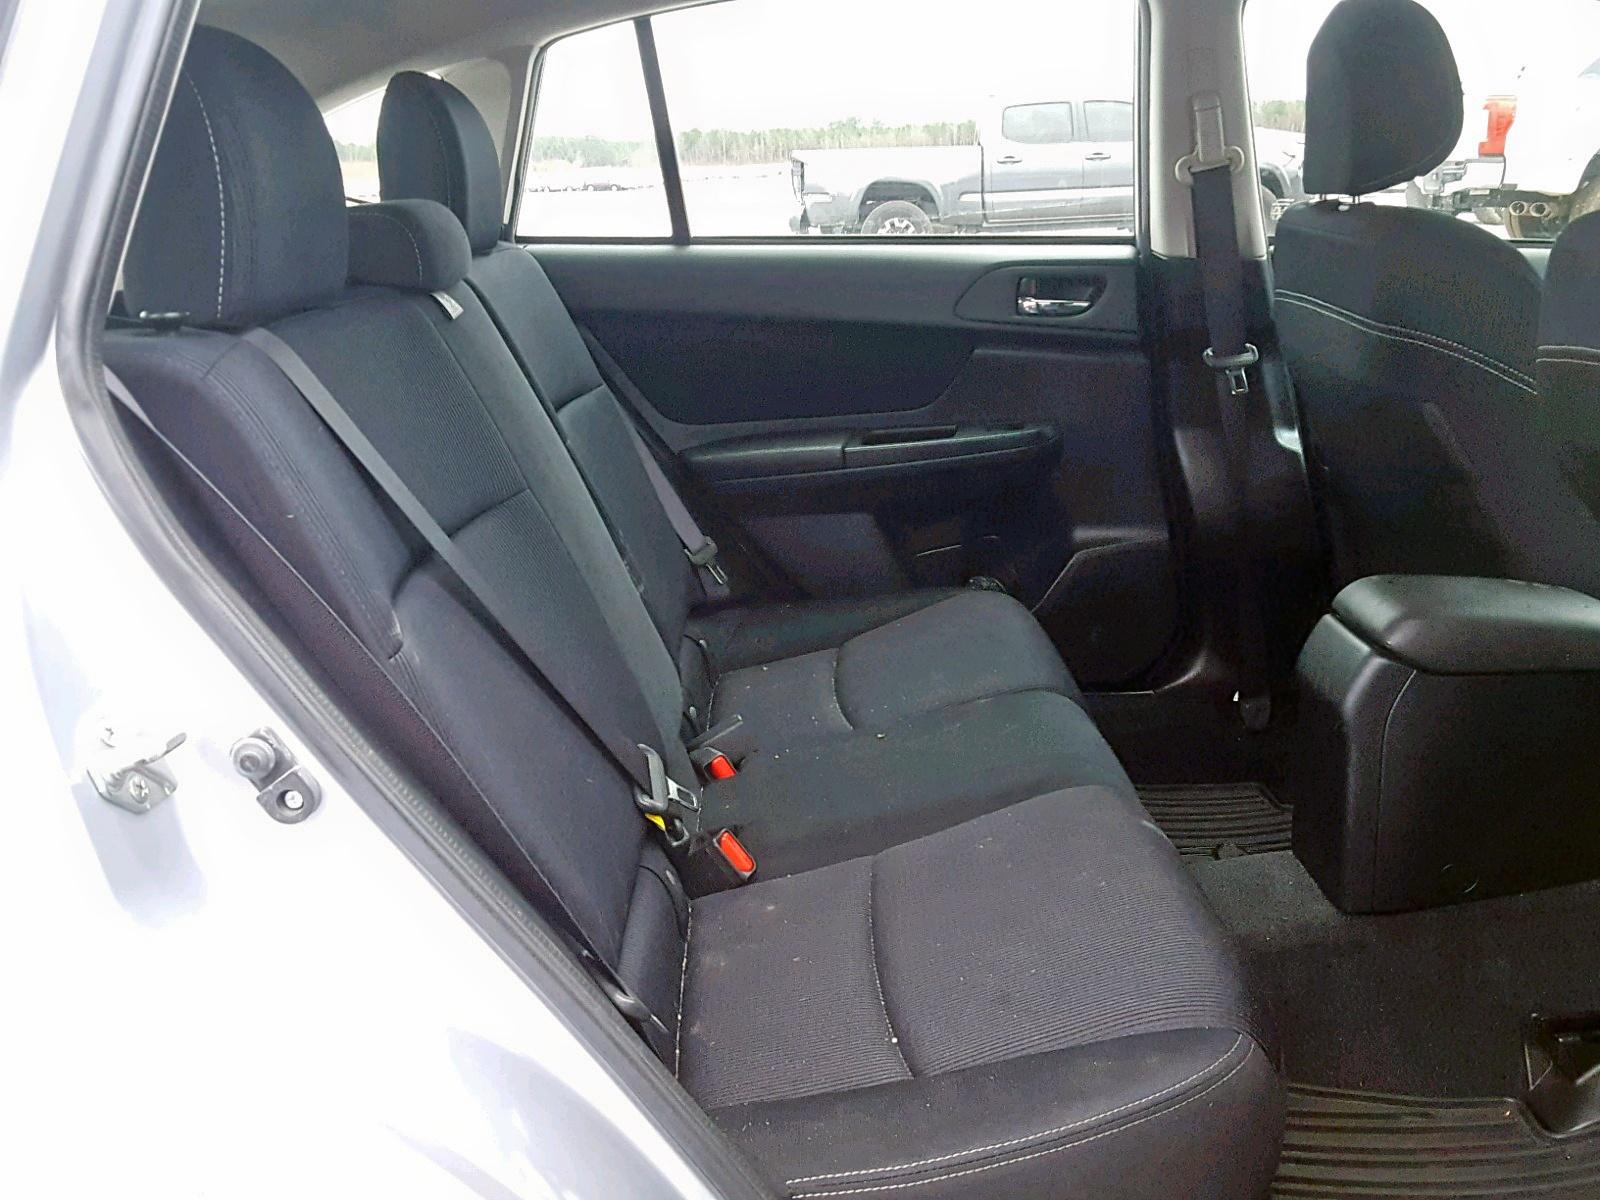 JF1GPAL60DH827185 - 2013 Subaru Impreza Sp 2.0L detail view